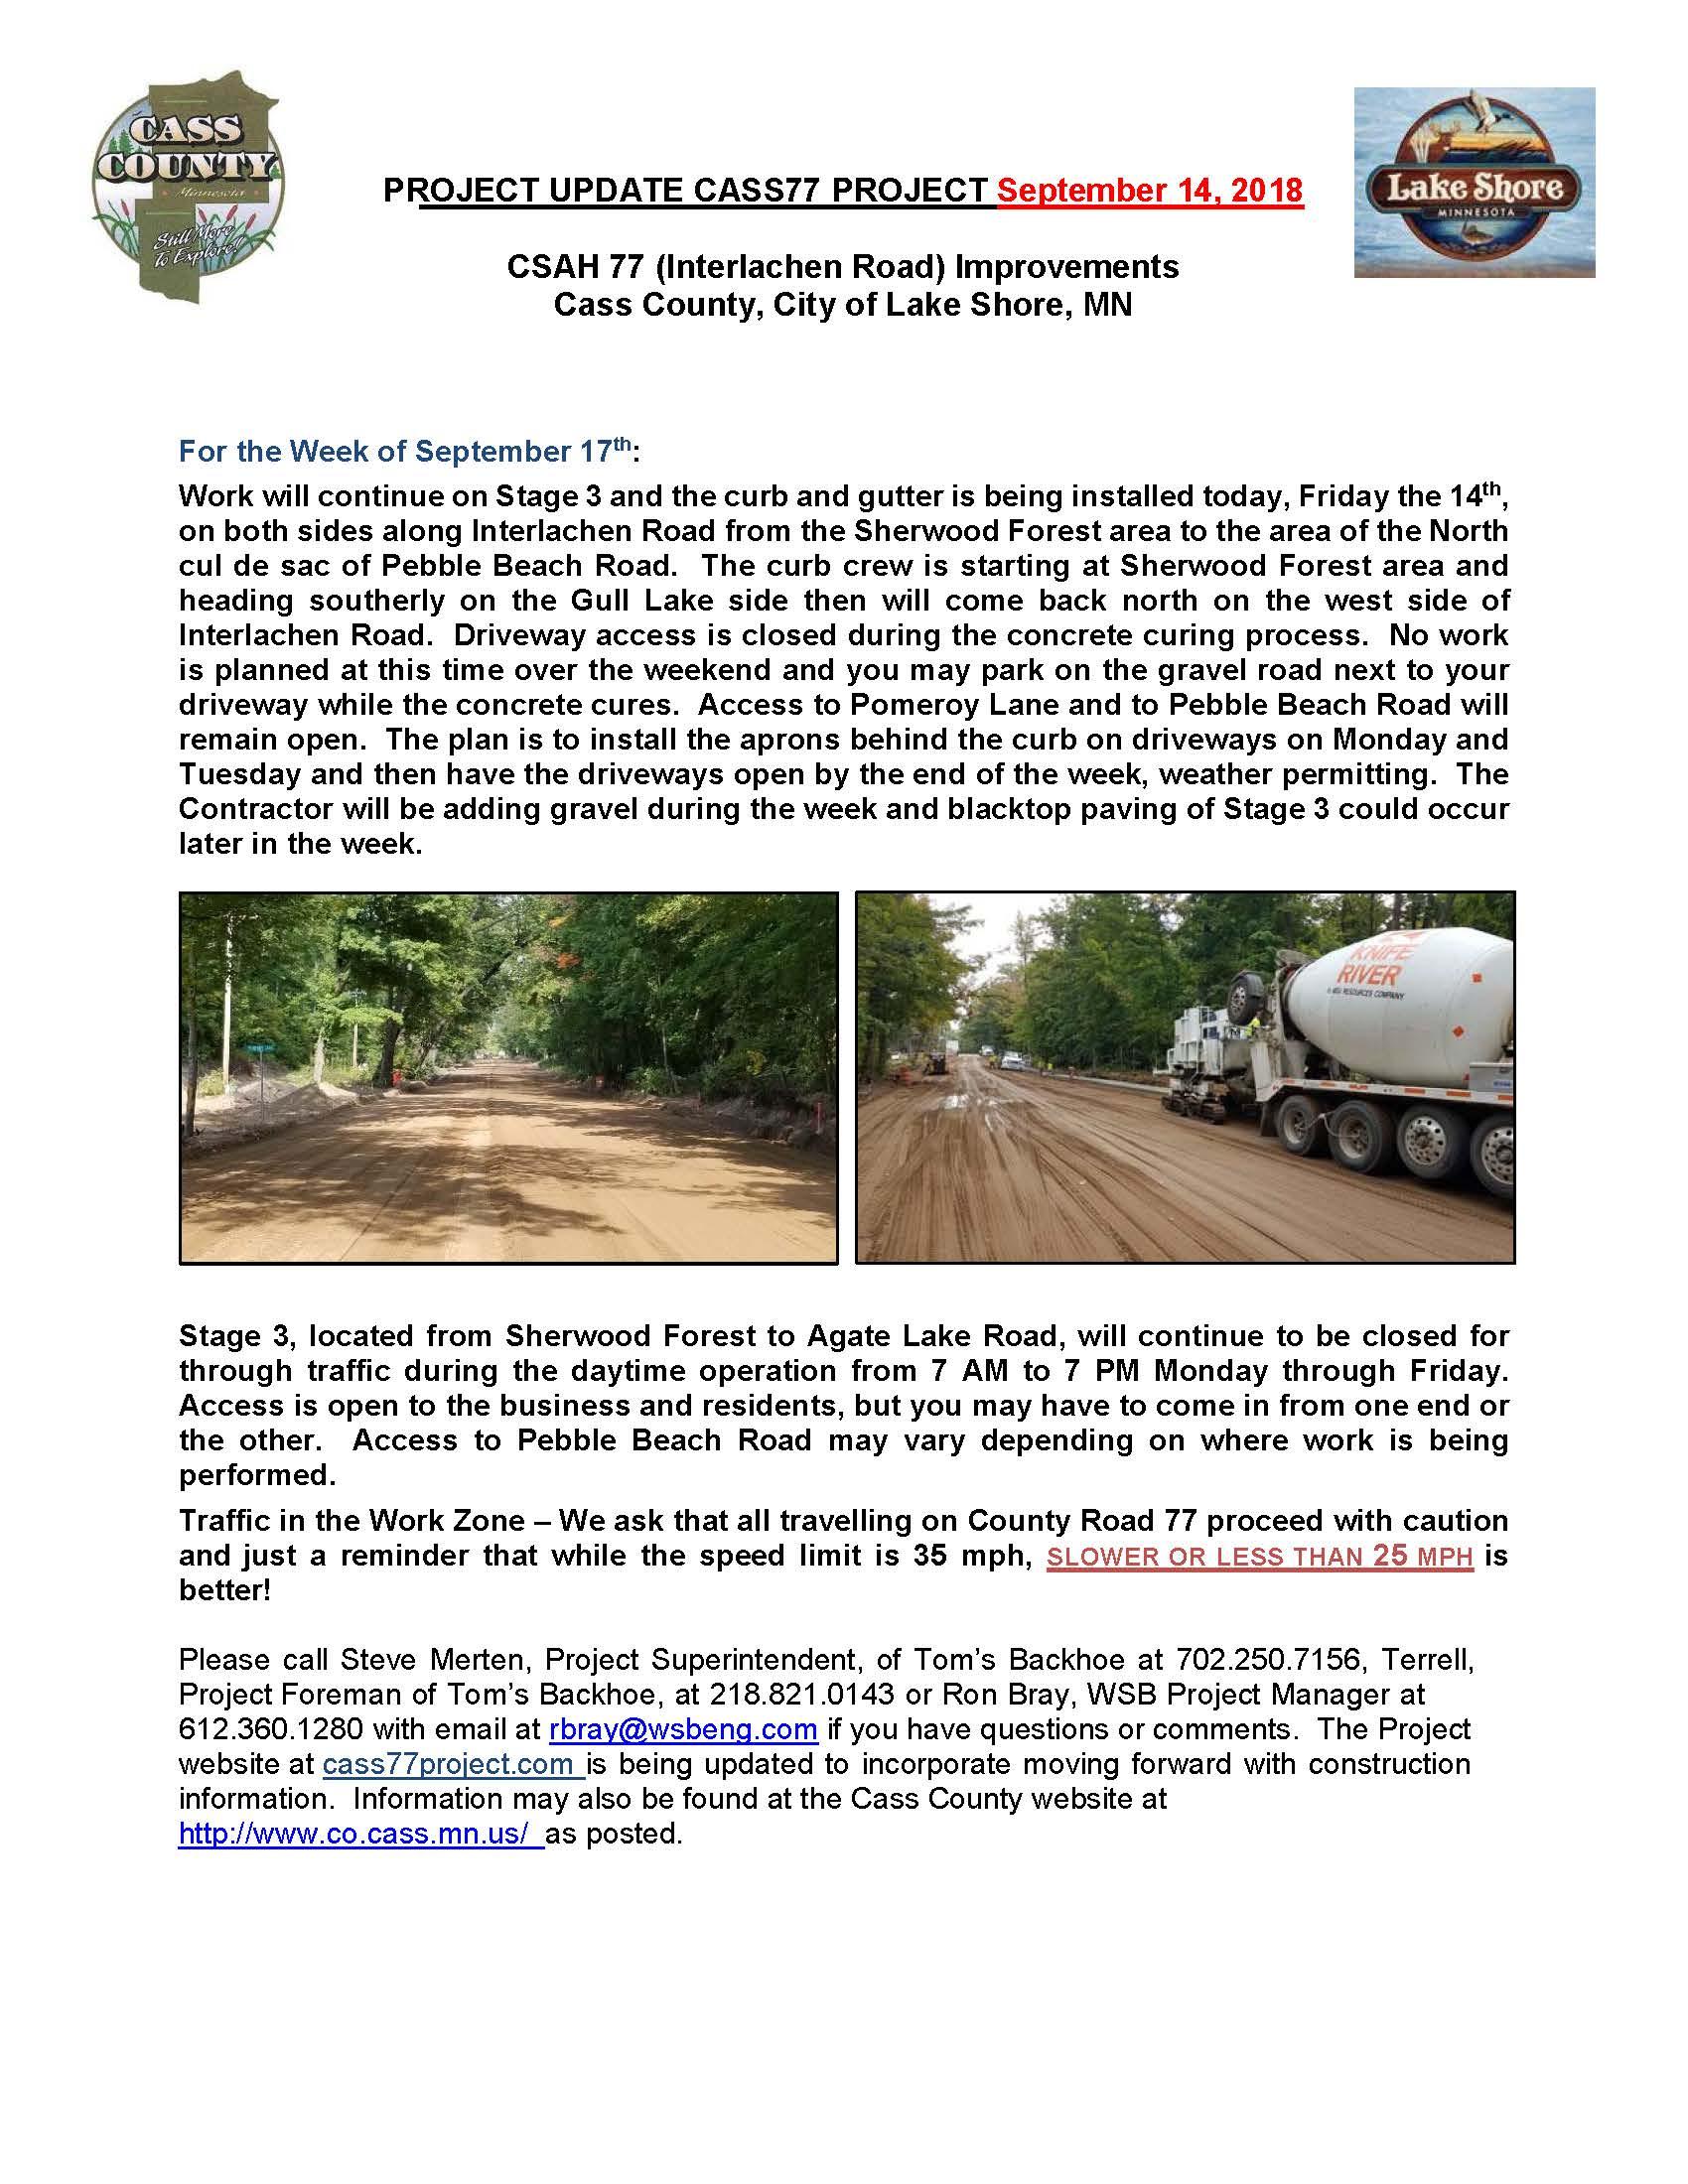 Cass County CSAH 77 Project update September 14th 2018.jpg